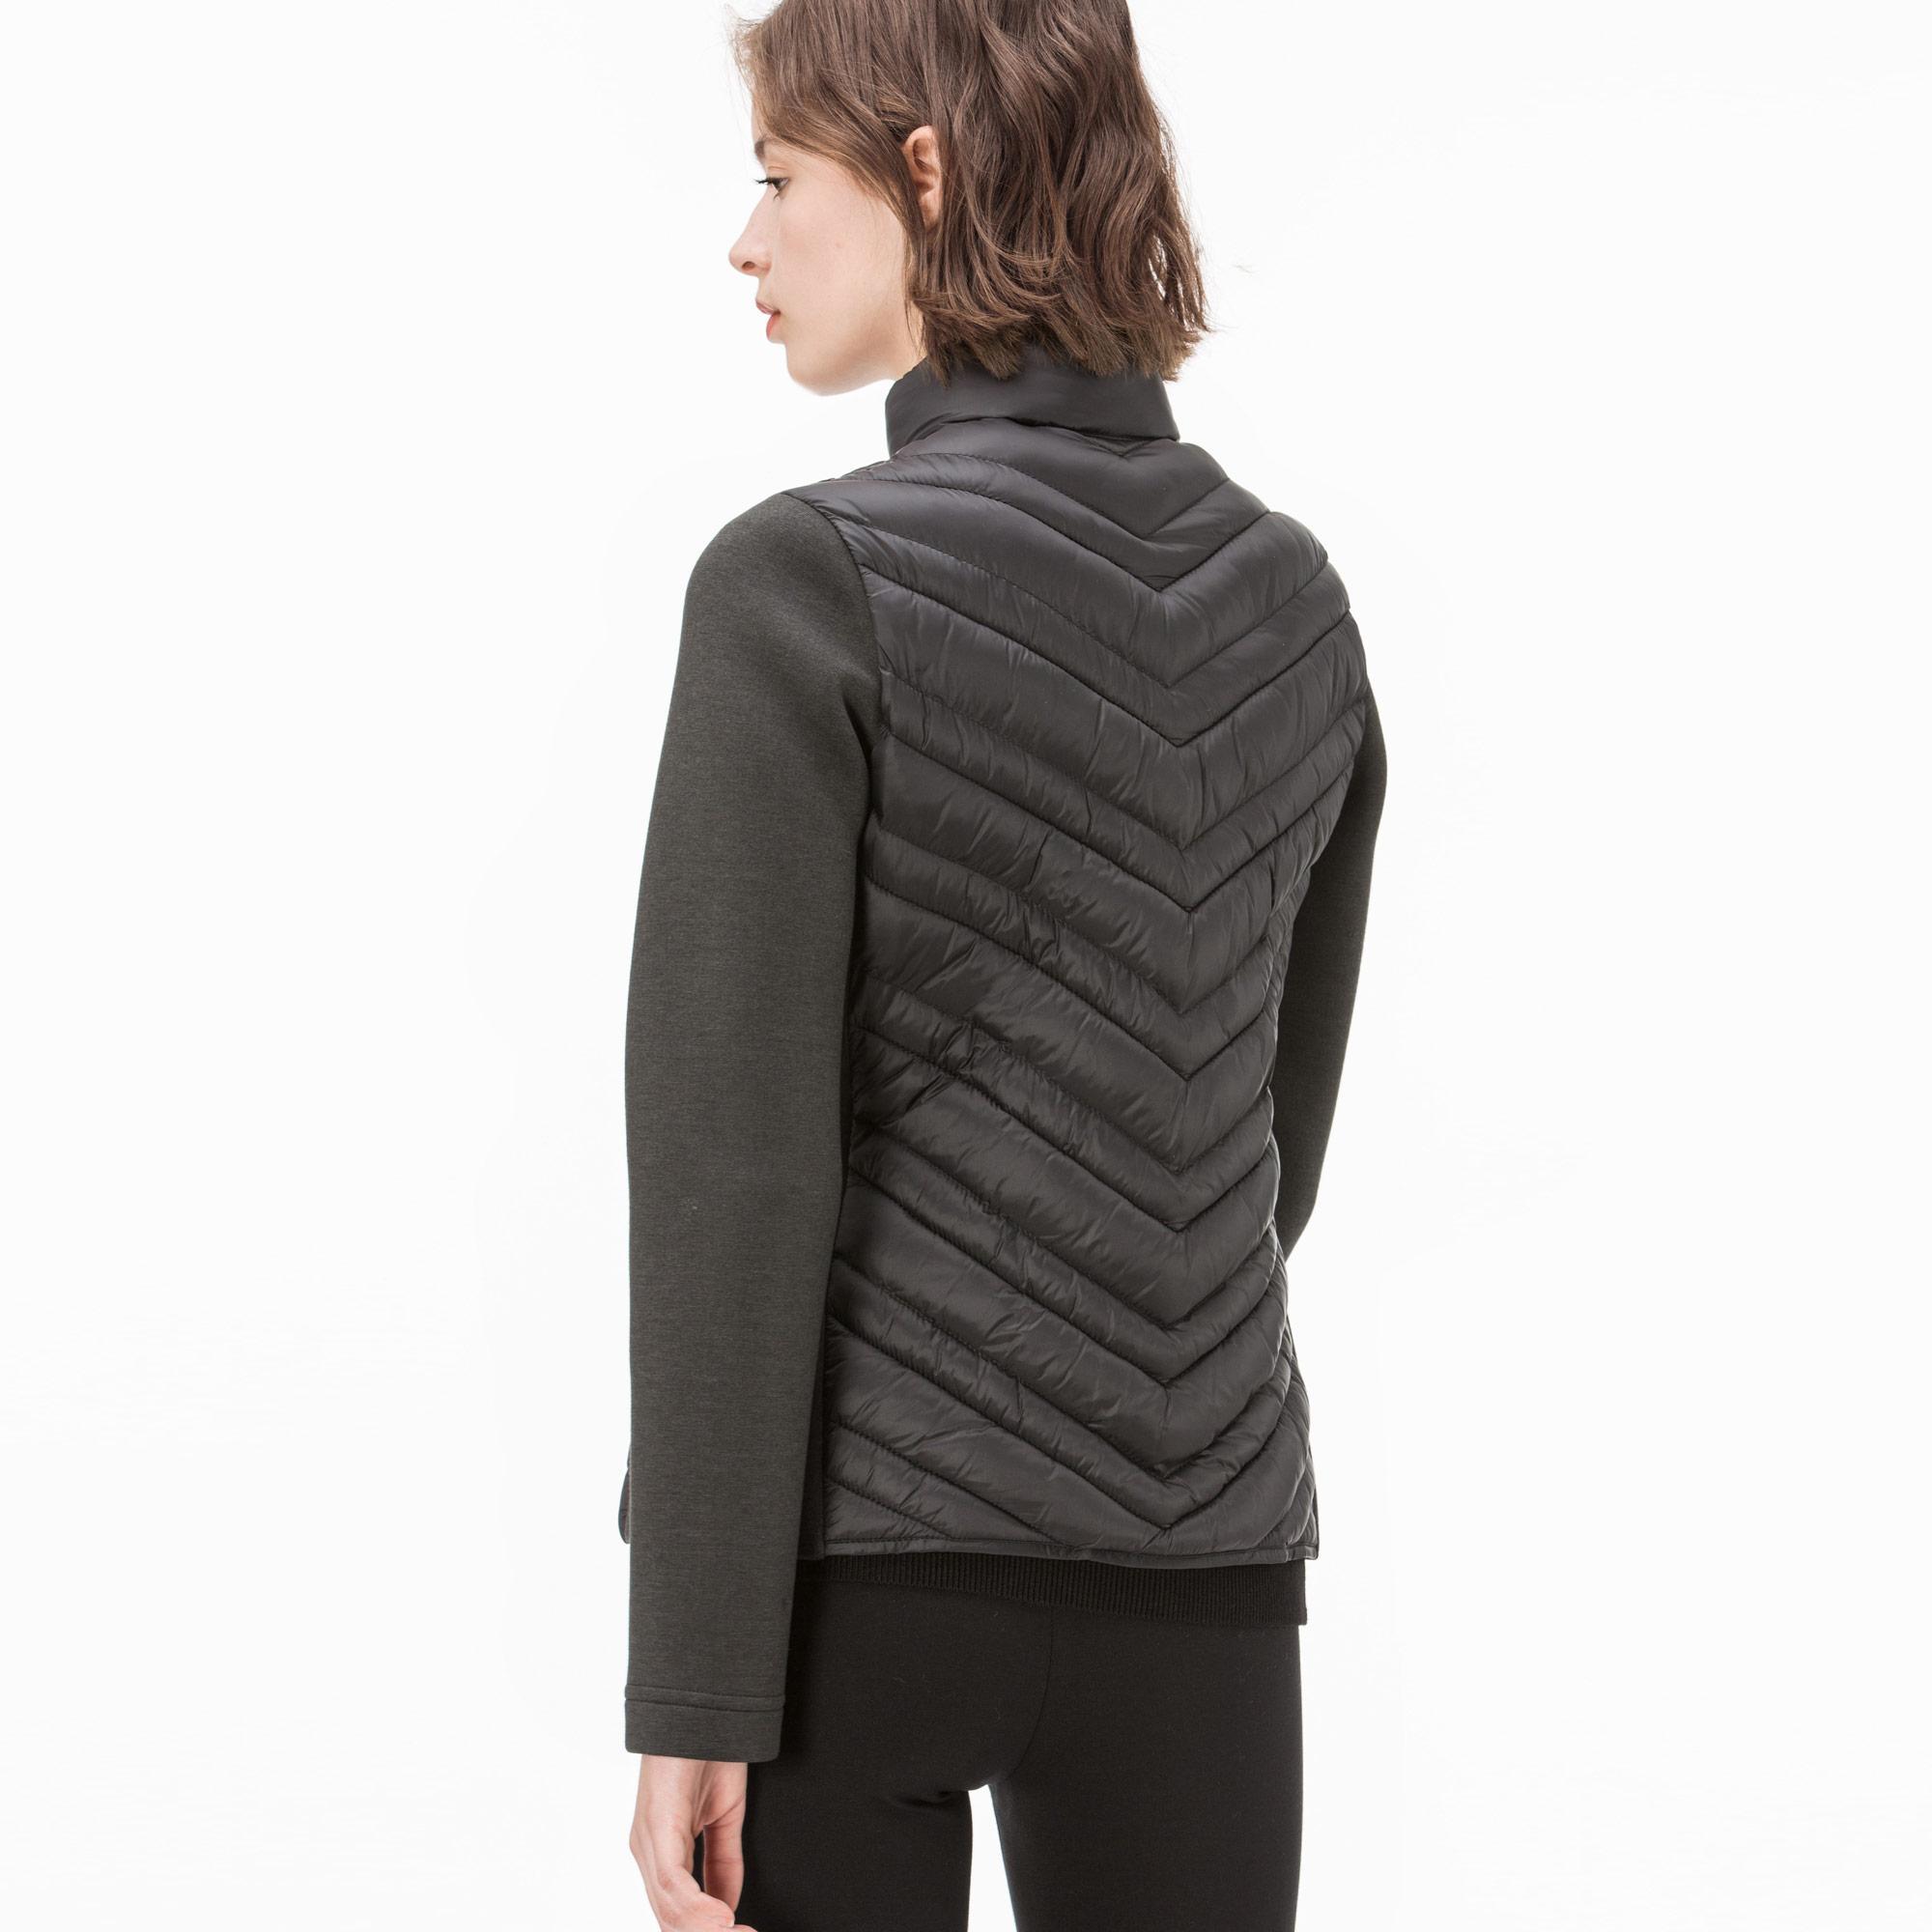 Lacoste Kadın Siyah Kapitone Detaylı Fermuarlı Polar Sweatshirt